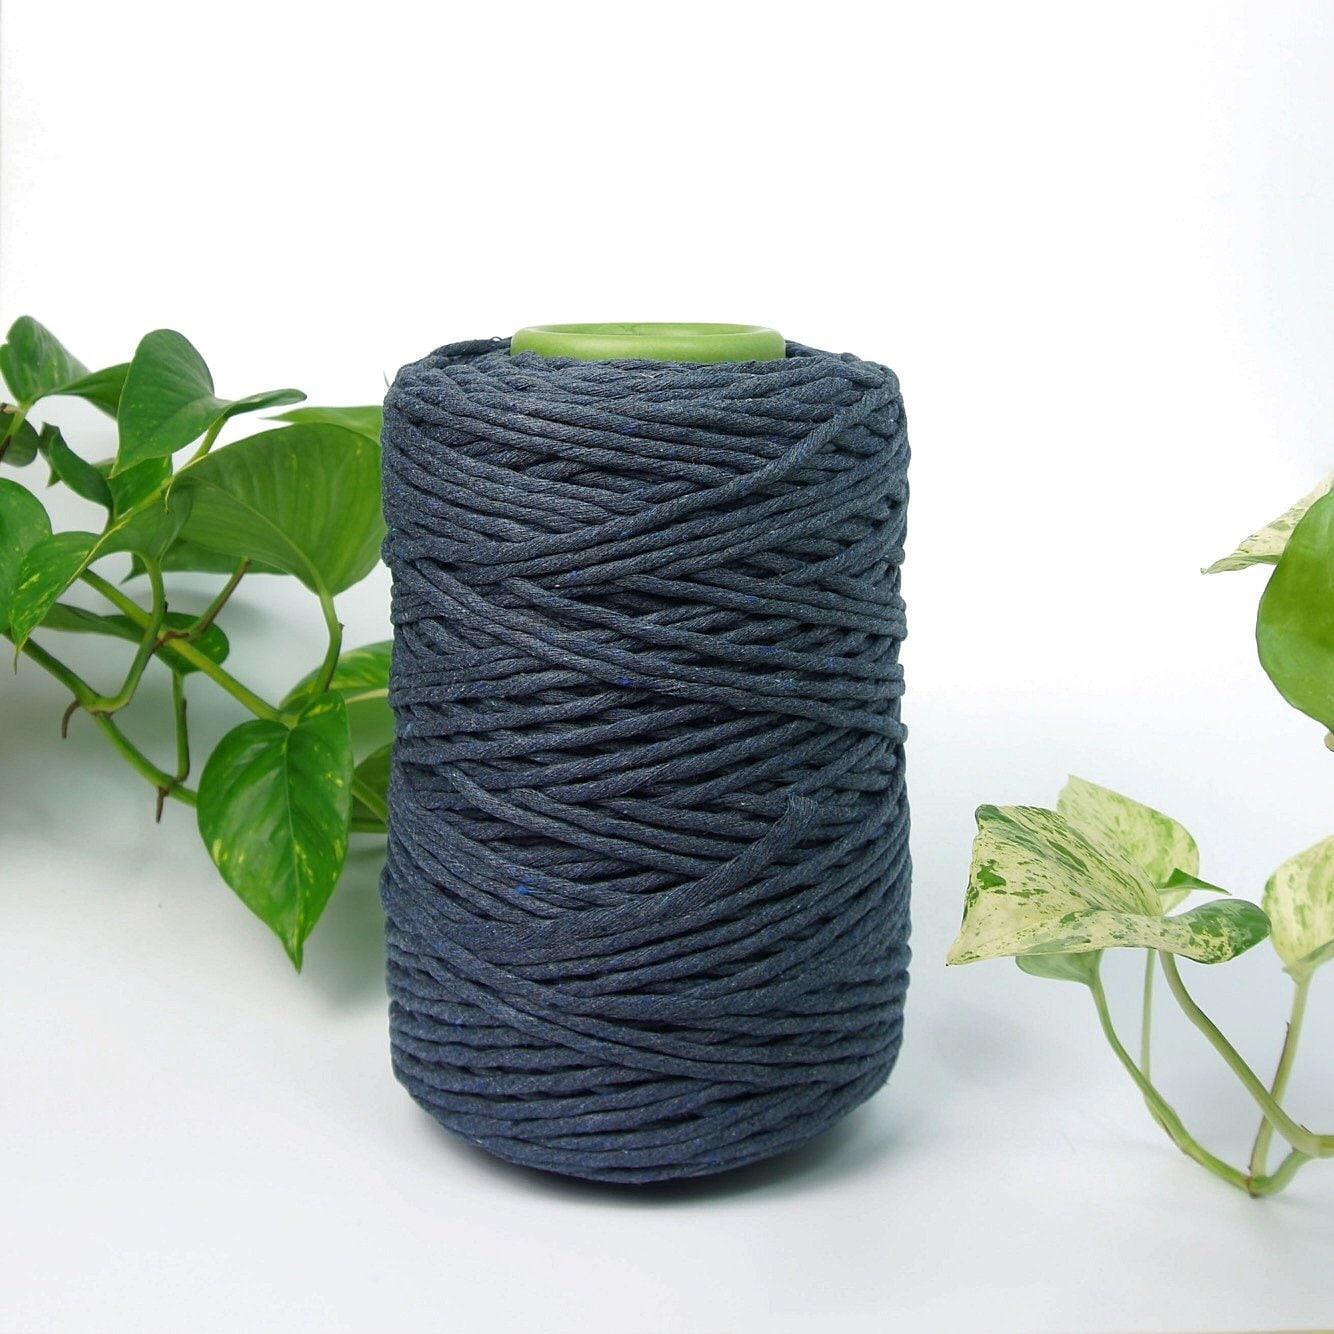 Quelle Ficelle Pour Macramé string en coton batik indigo 5mm en macramé ficelle, en macramé cordon,  cordon de coton, macramé en corde, corde de coton,